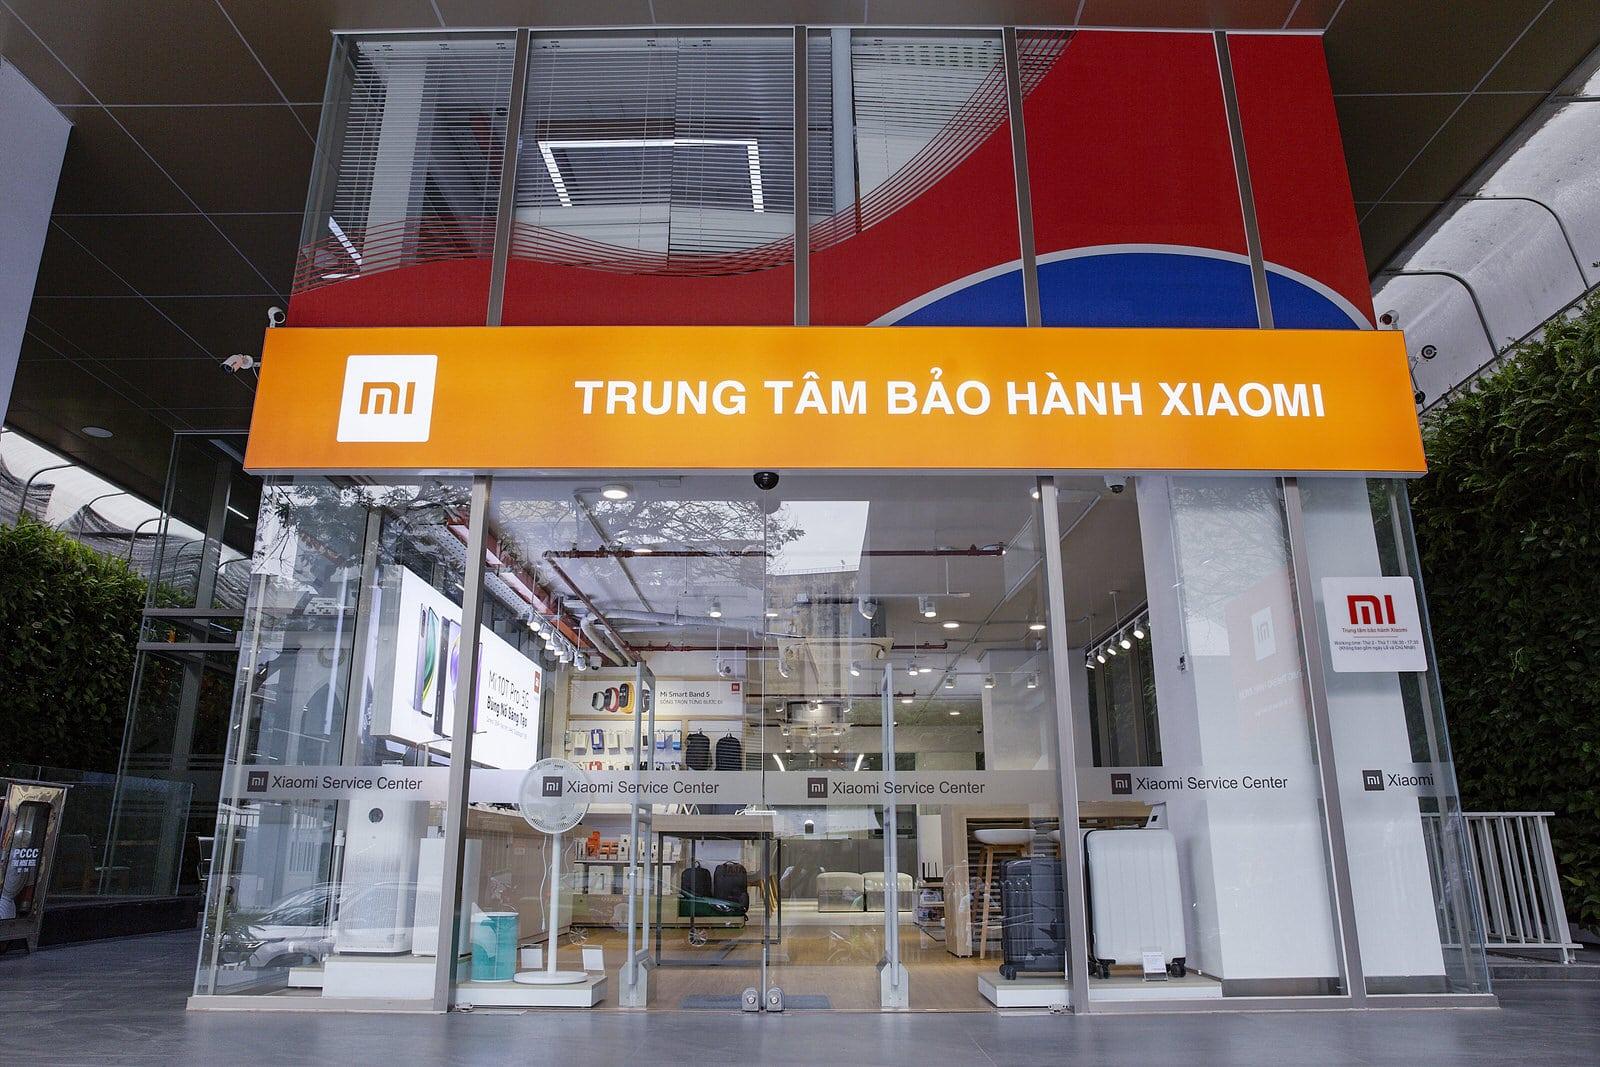 Trung tâm Bảo hành Xiaomi đầu tiên tại Việt Nam đã chính thức khai trương